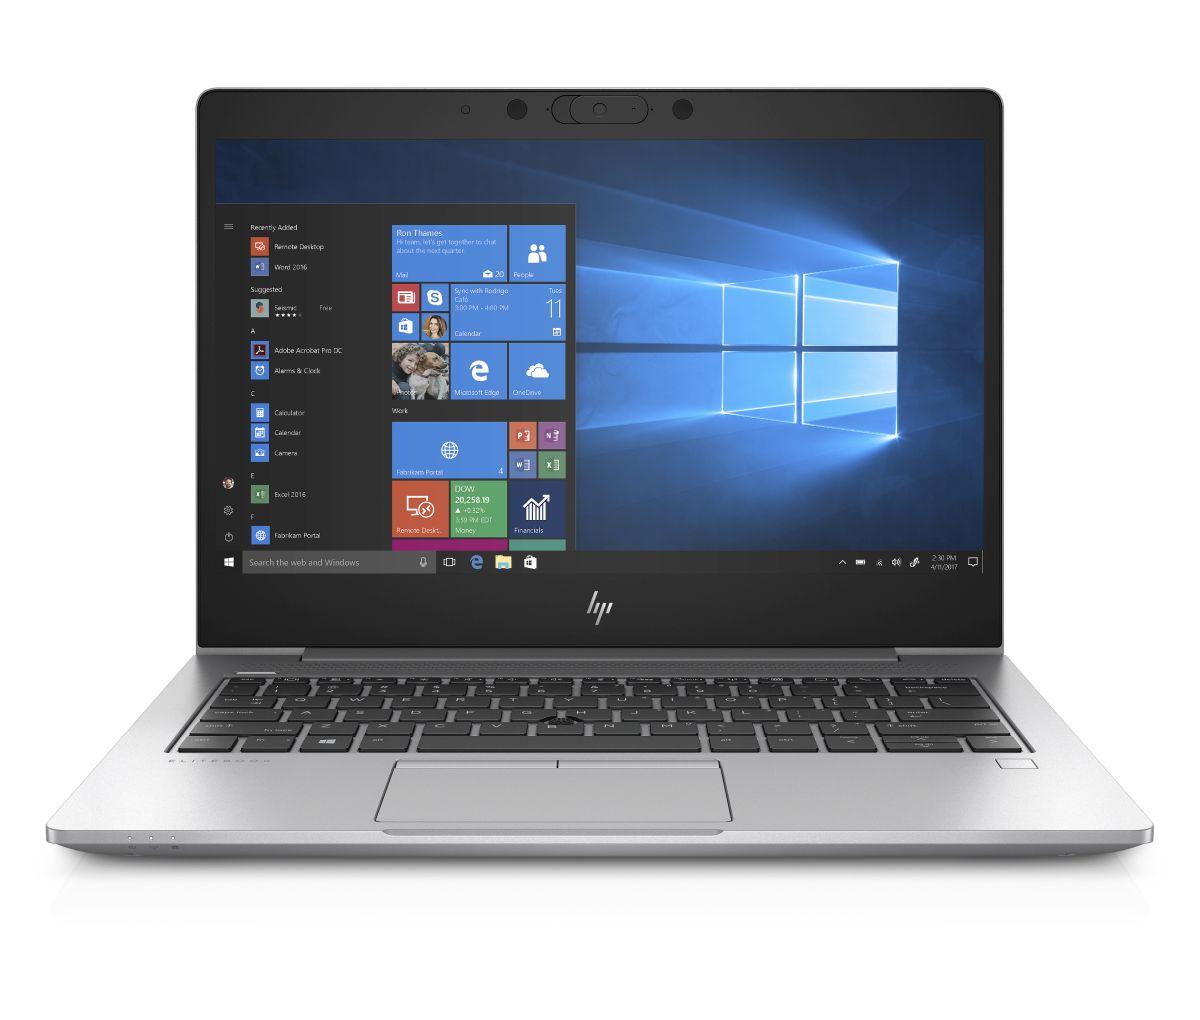 HP EliteBook 830 G6 i7-8565U 13.3 FHD UWVA 400 IR, 8GB, 256GB, ax, BT, FpS, backlit kbd, Win10Pro